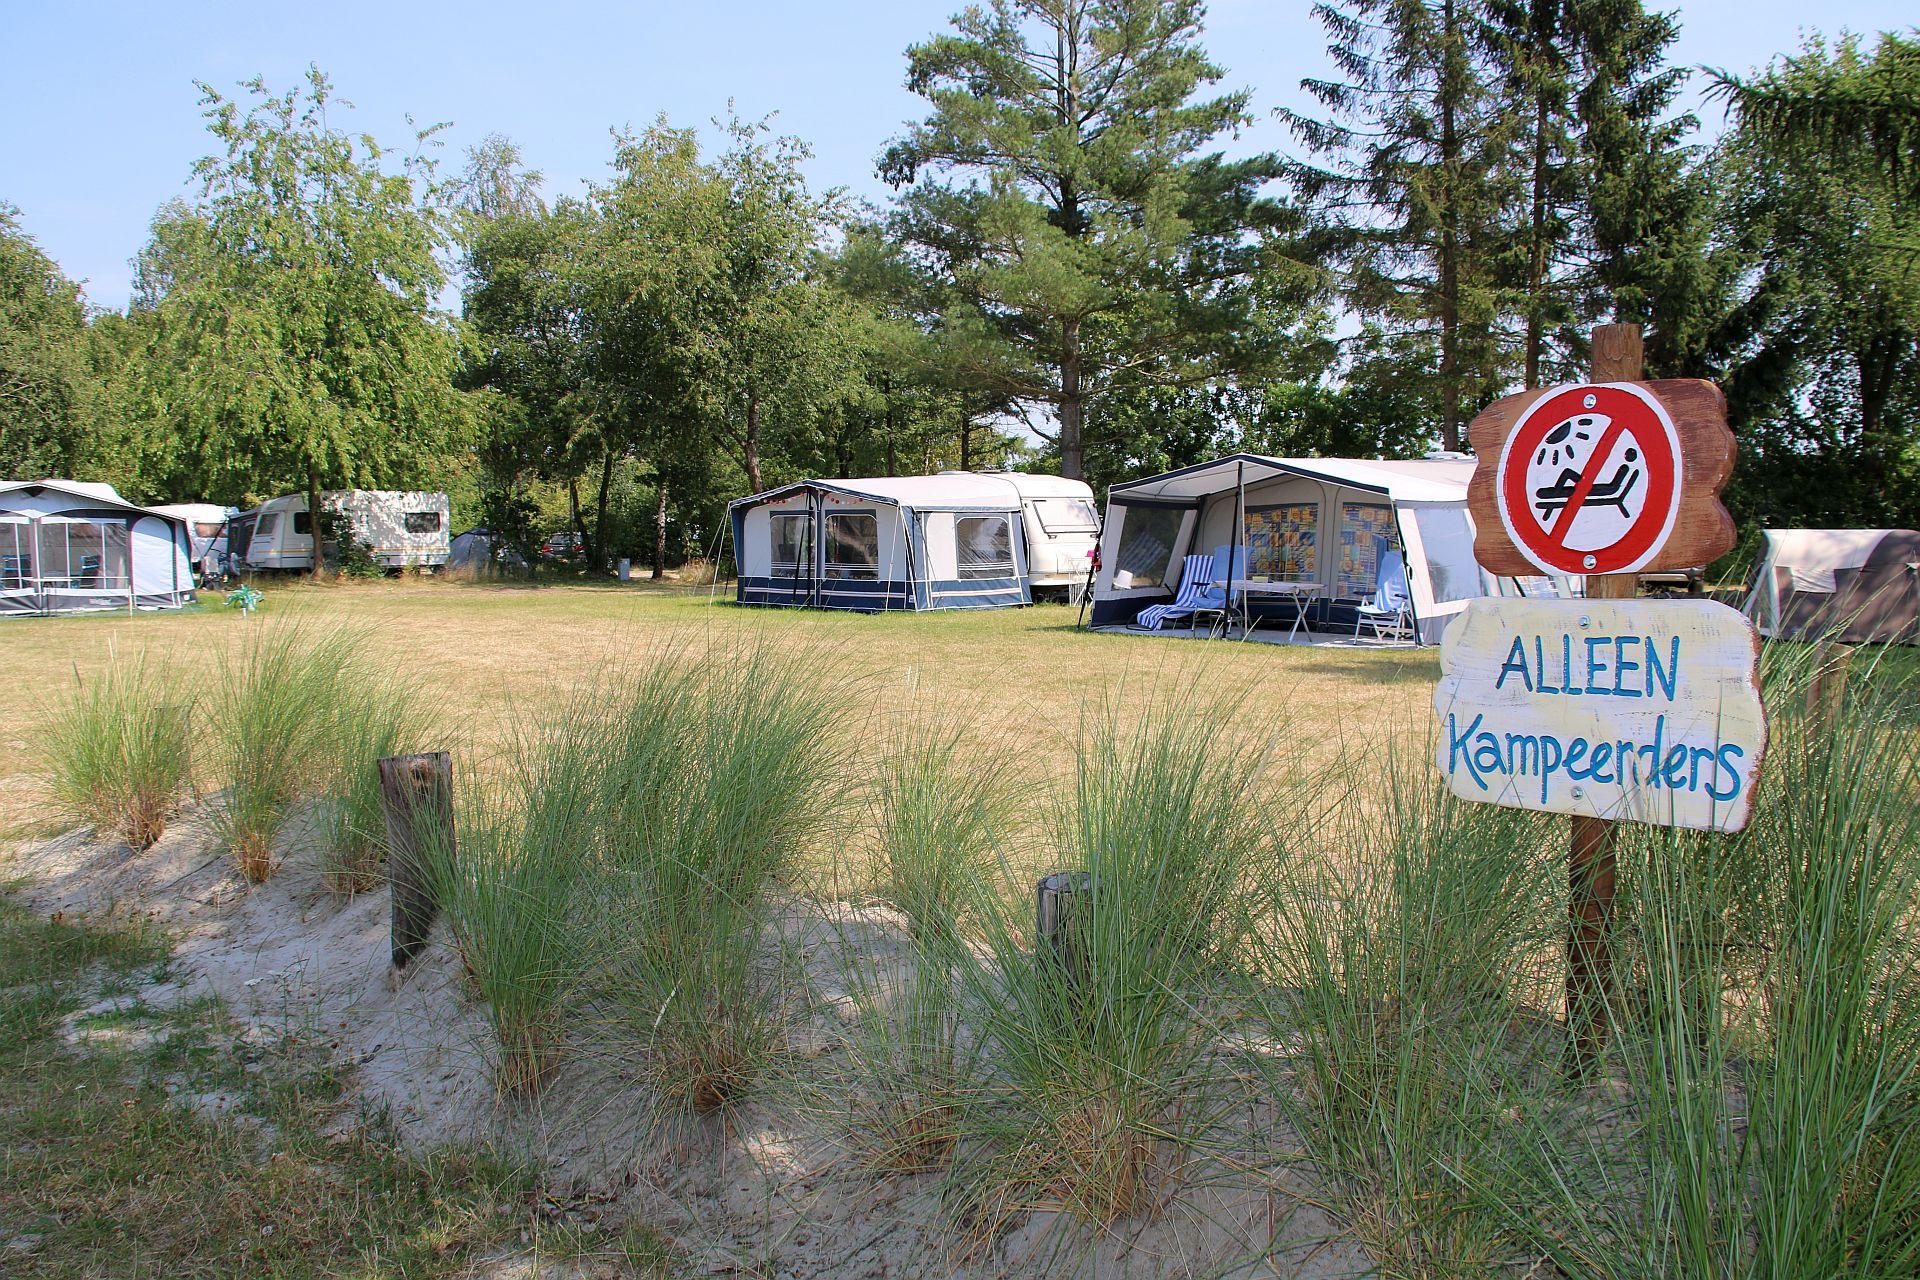 Draadloos internet op camping voor recreatief gebruik - draadloos internet camping